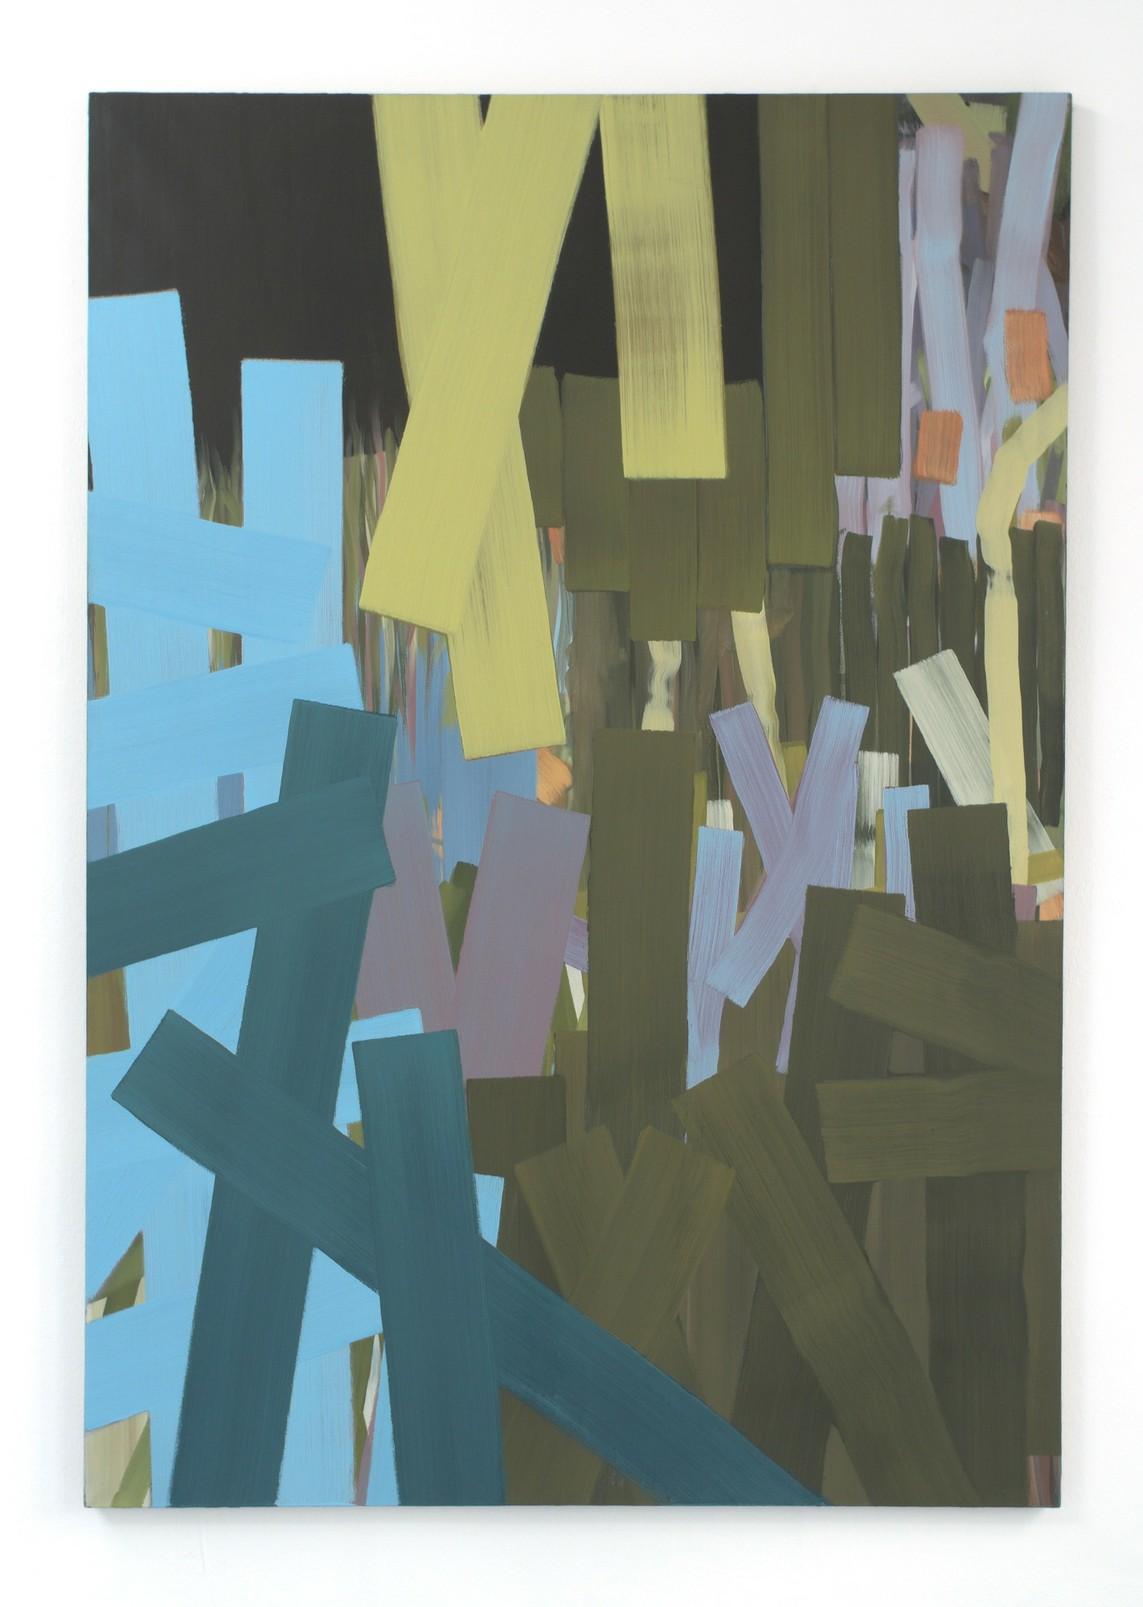 »Uhsinn« 2018, Öl auf Leinwand, 180 x 125 cm